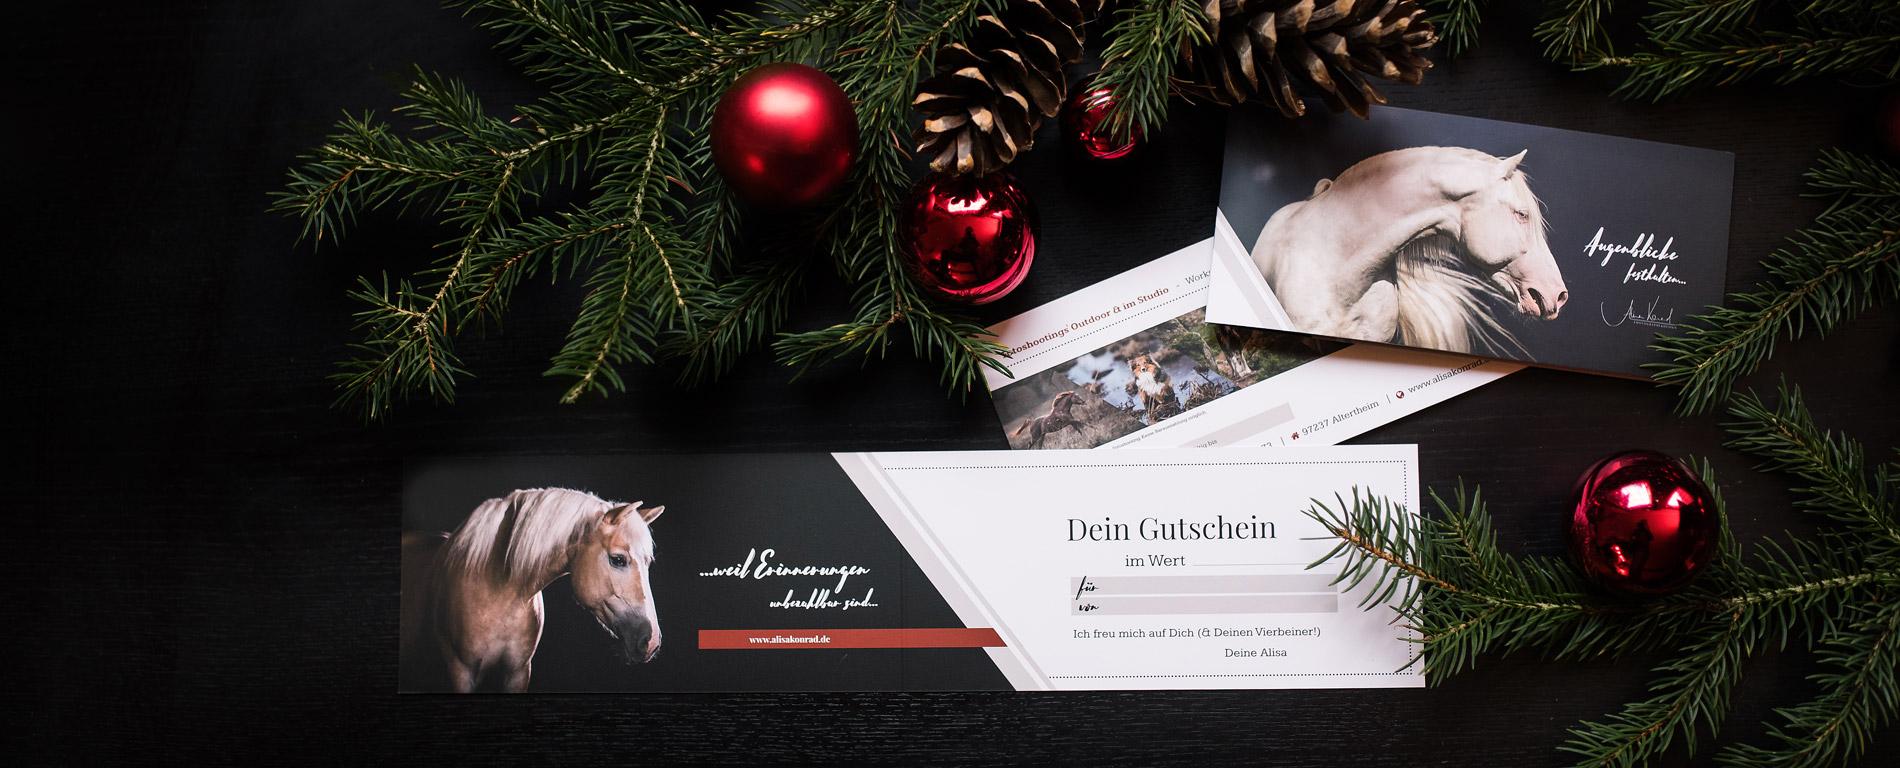 Gutschein Pferdefotografie und Coachings Bayern, Sitz Würzburg - Alisa Konrad